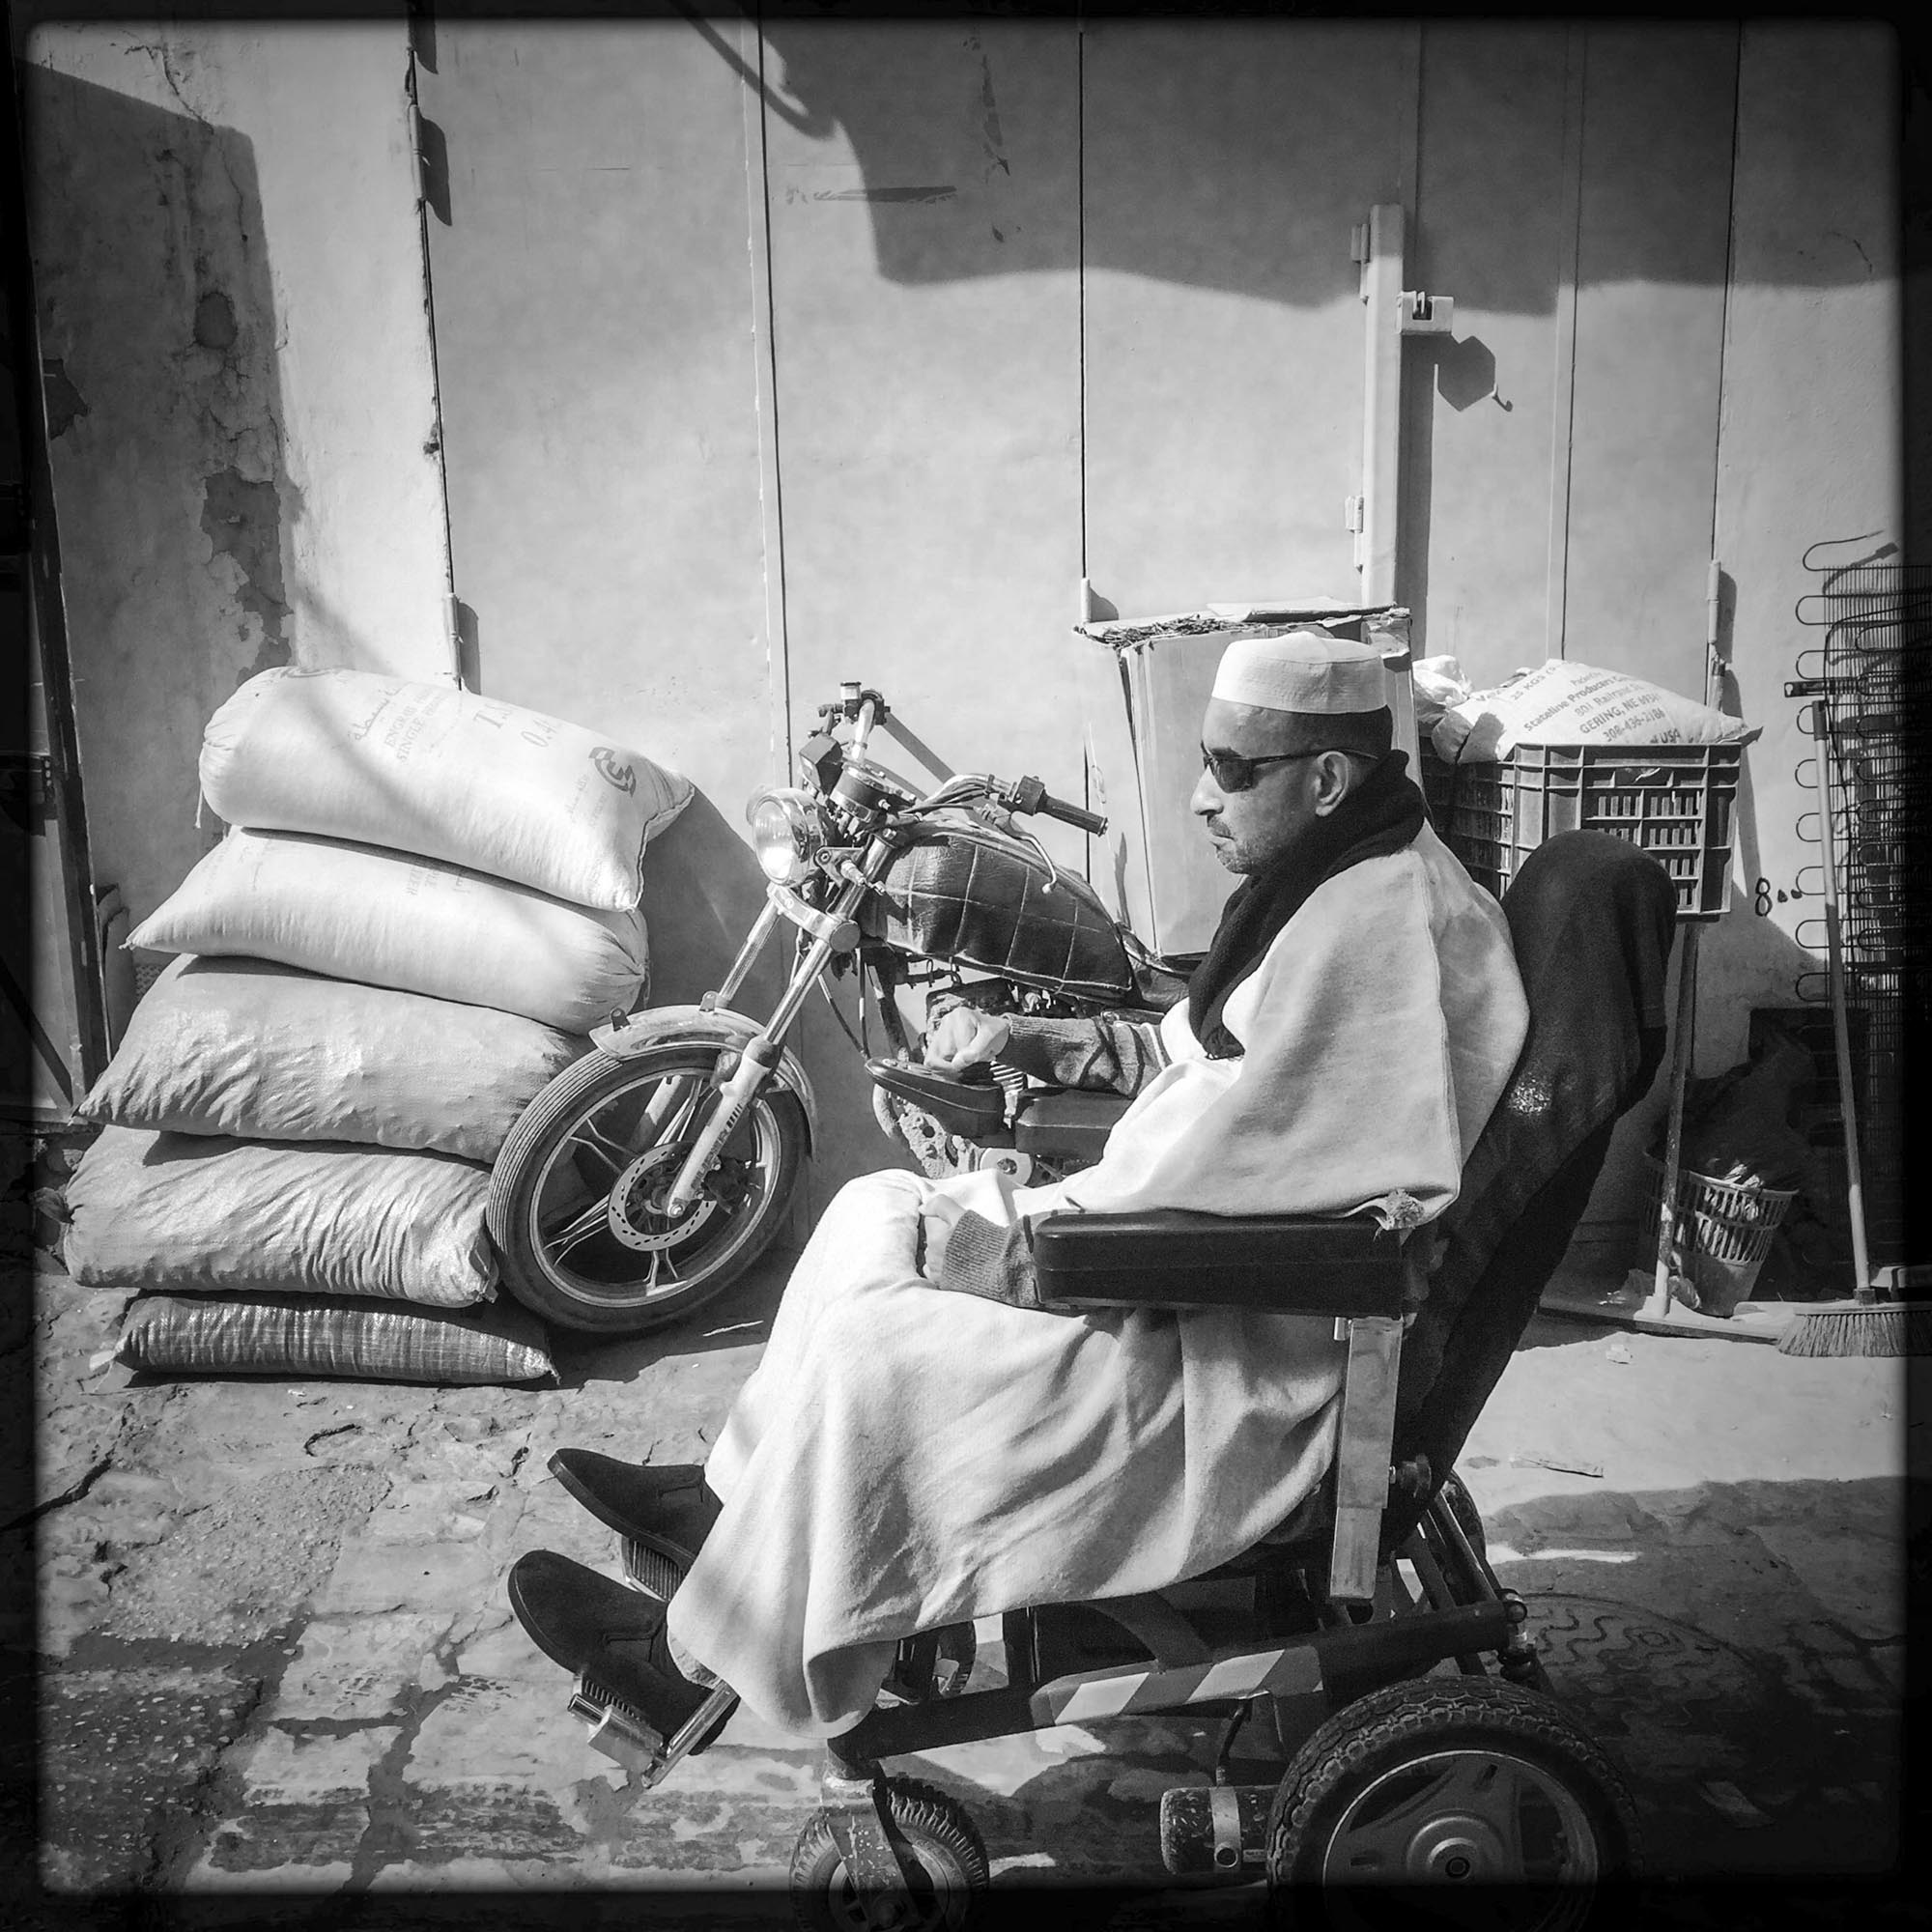 Dans une ruelle un homme Mozabite passe avec son fauteuil roulant.7/02/2016, Ghardaïa-Algérie.